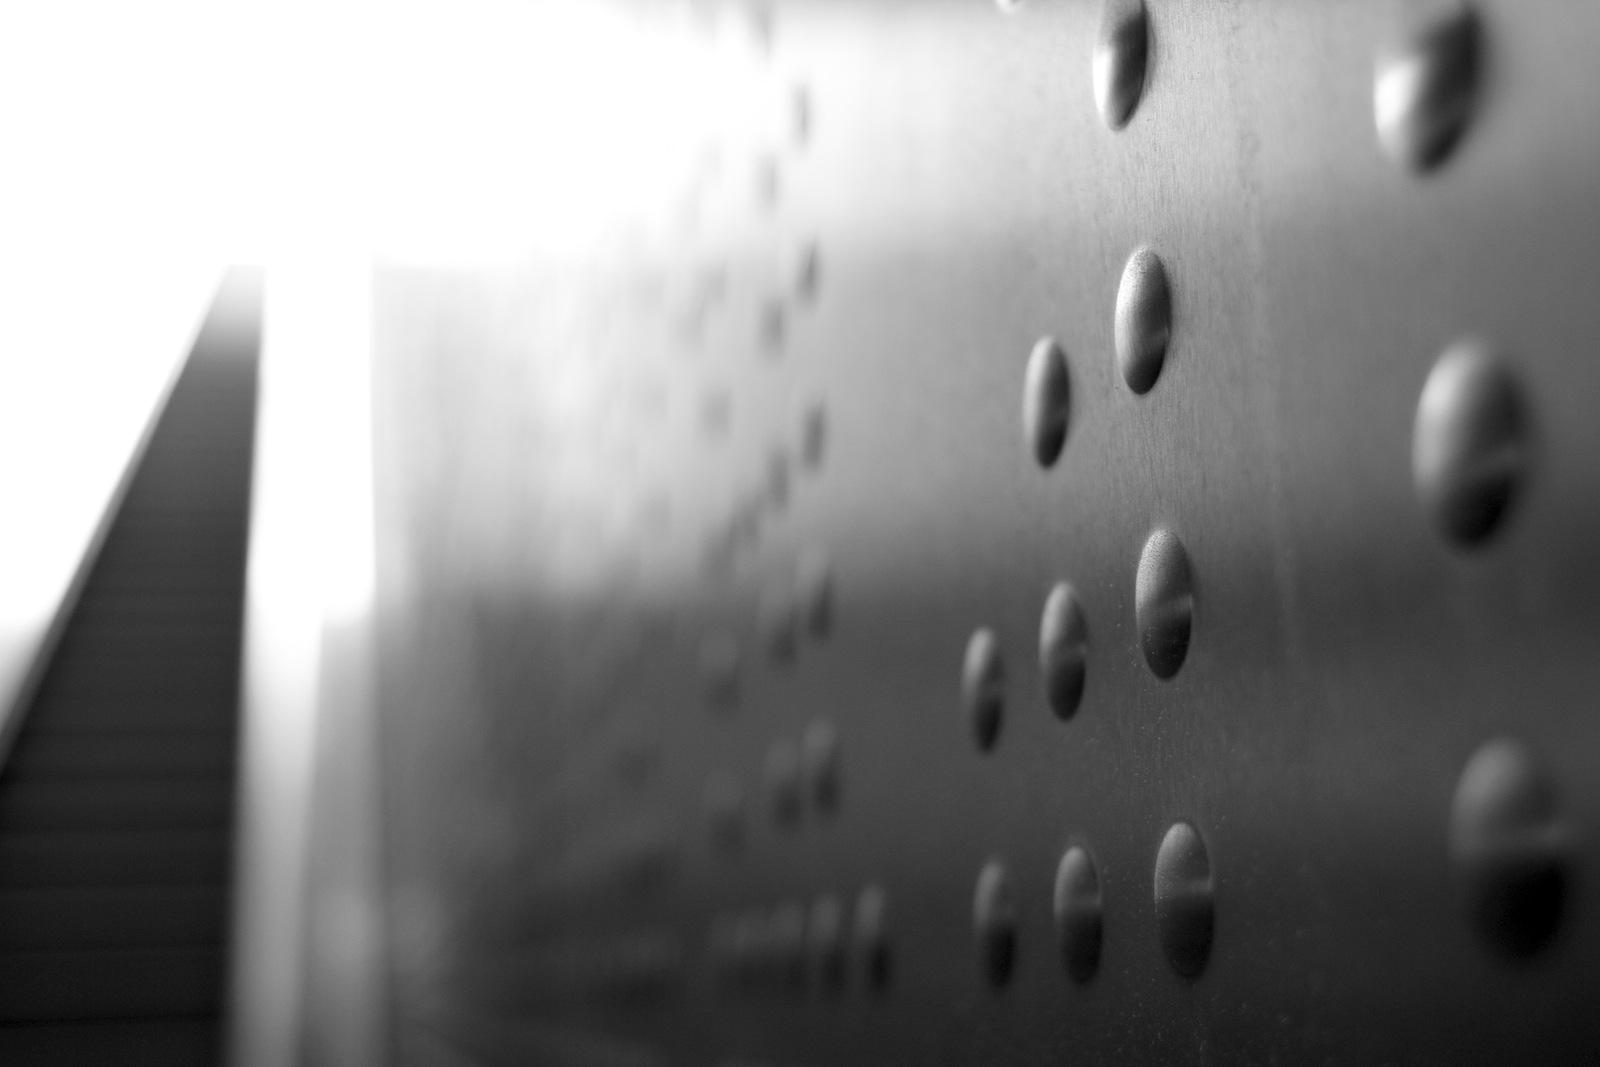 Station Benrather Straße.  Sie erinnern an einen binäre Code oder eine Matrix.